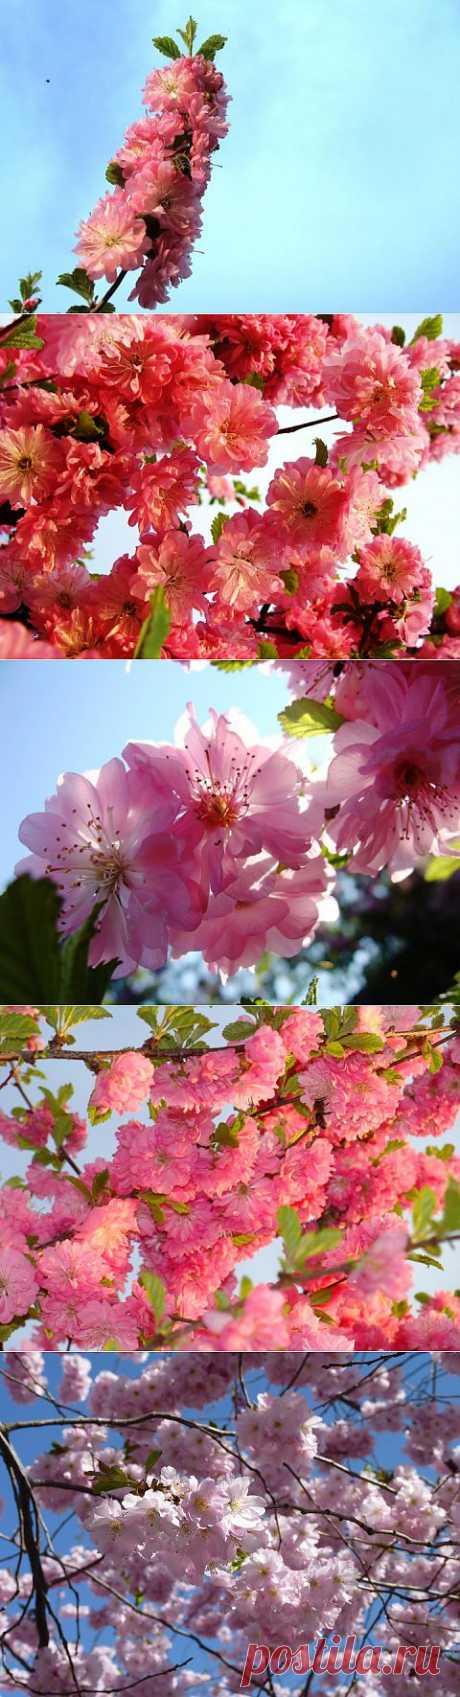 Сакура в цвету | Фотоискусство